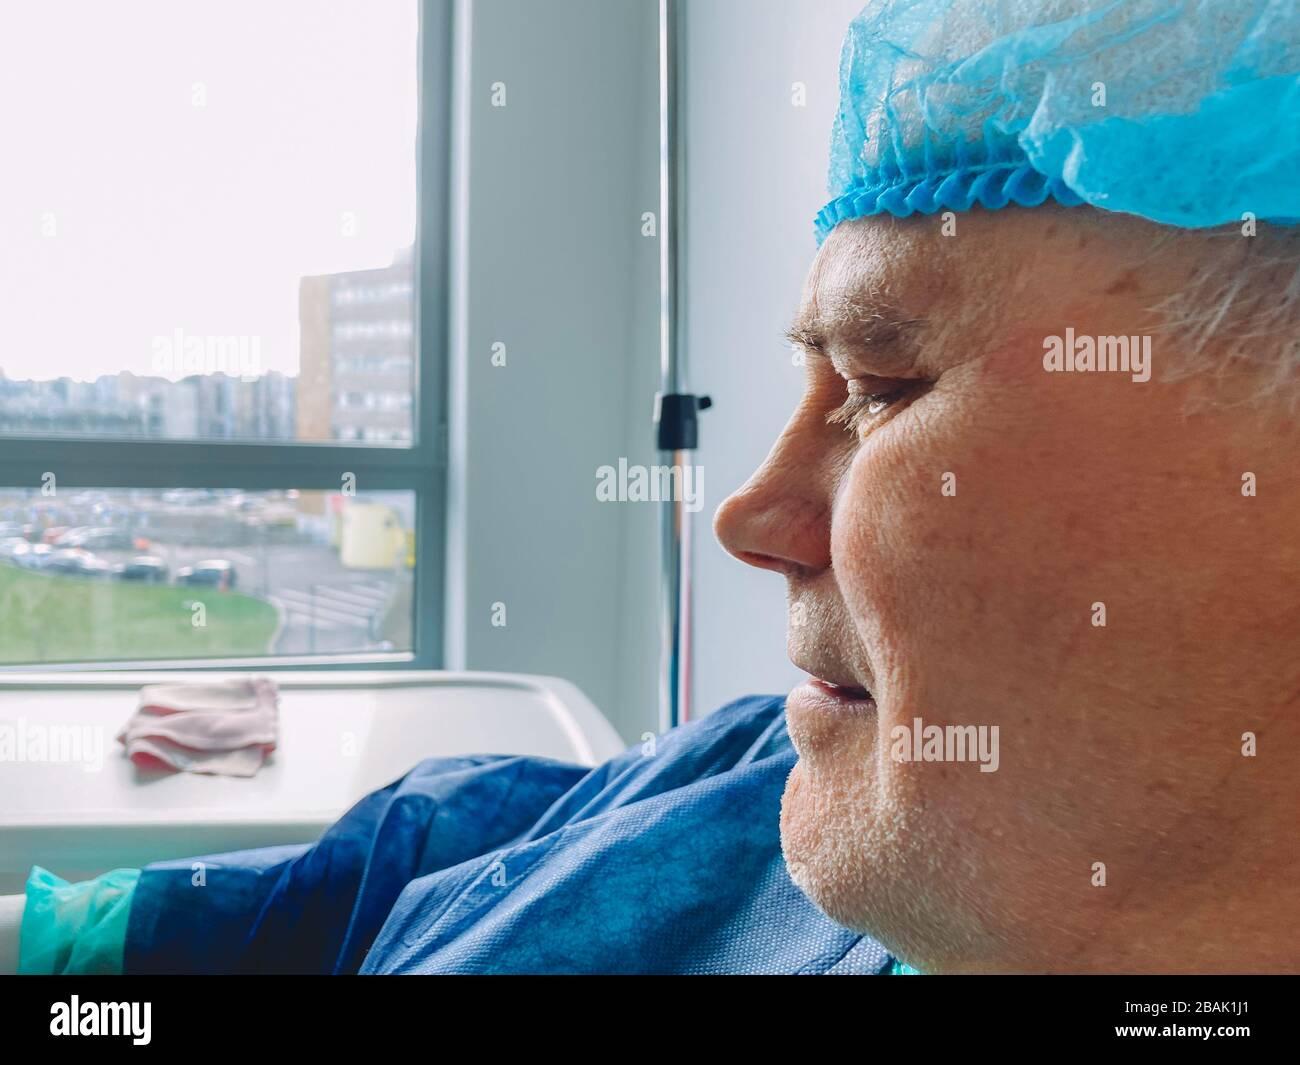 Primo piano del volto maschile senior in sedia medica all'interno del moderno ospedale in Francia a riposo dopo infezione virus coronavirus visione ottimistica Foto Stock